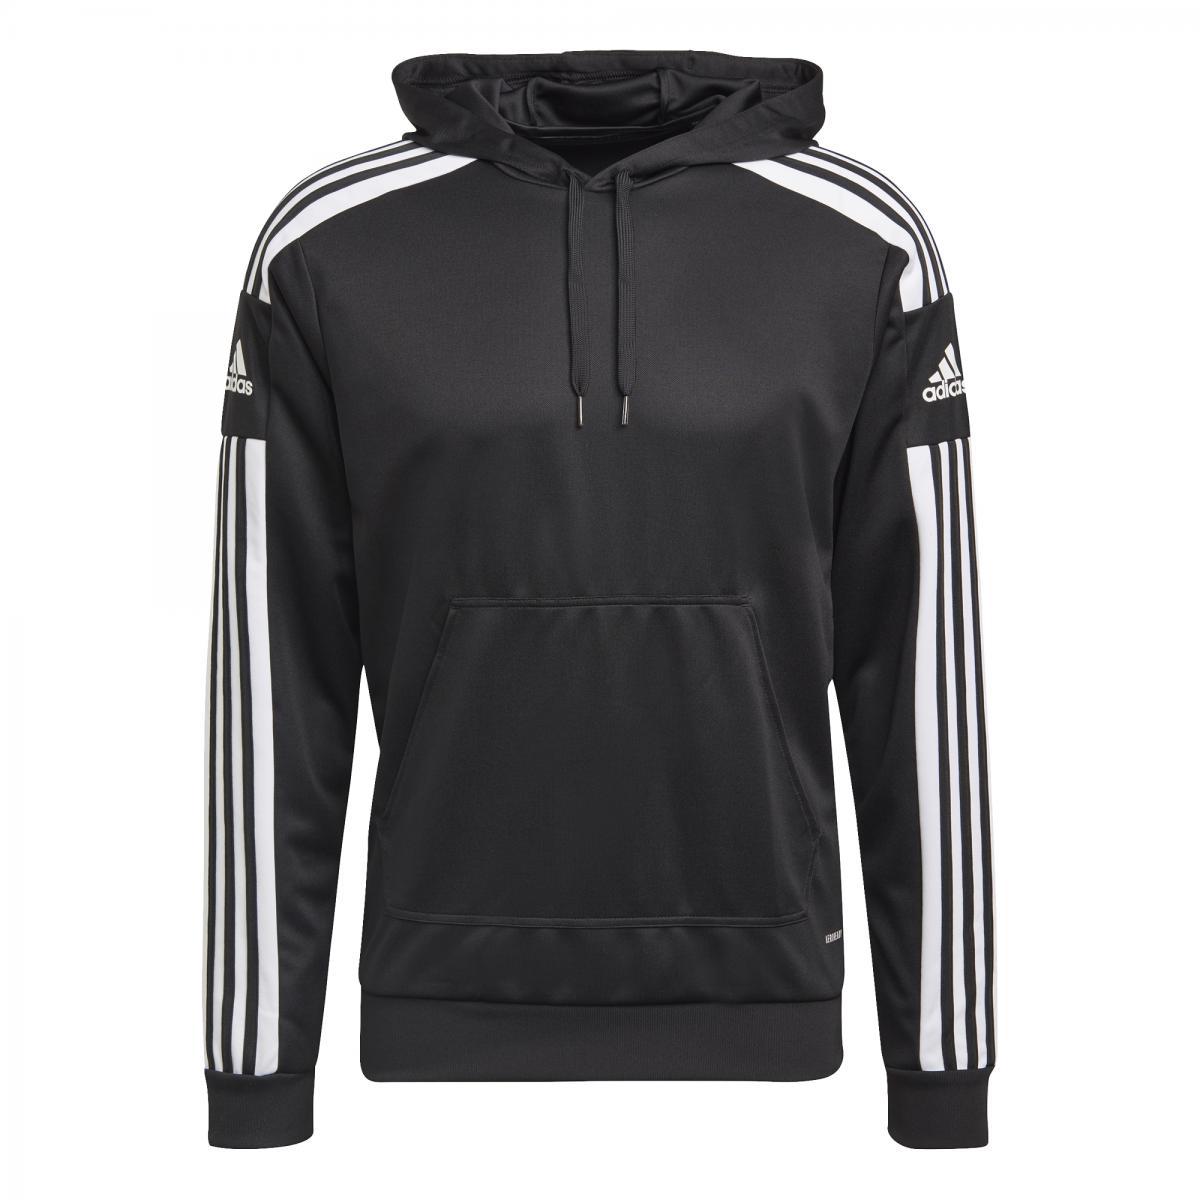 Adidas  Sq21 Hood, hettegenser, herre